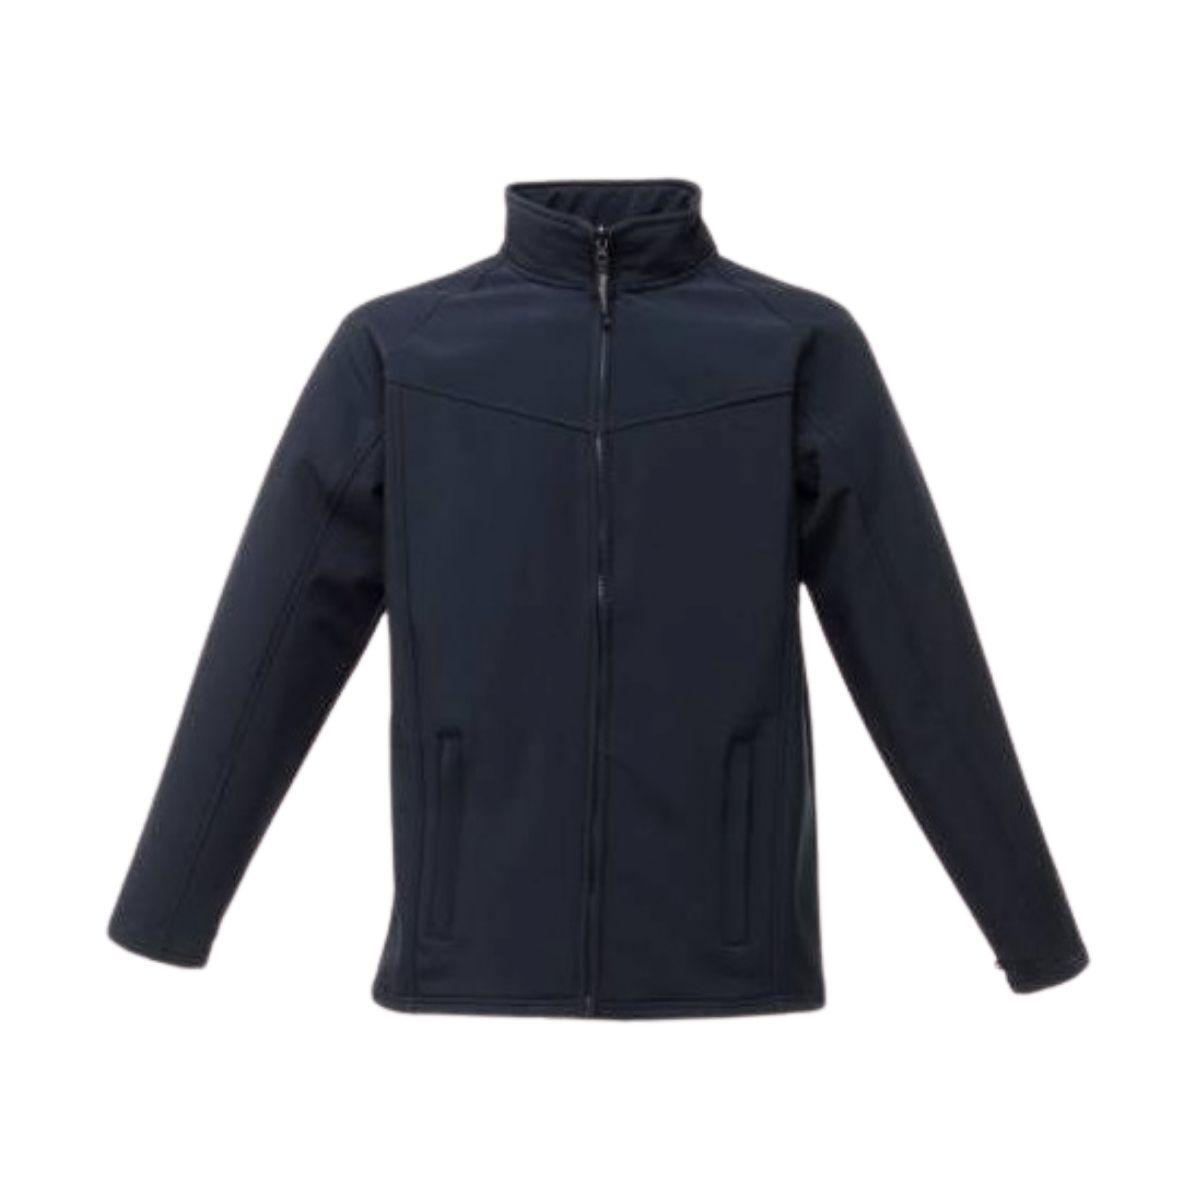 JK7642 Regatta Uproar Interactive Softshell Jacket